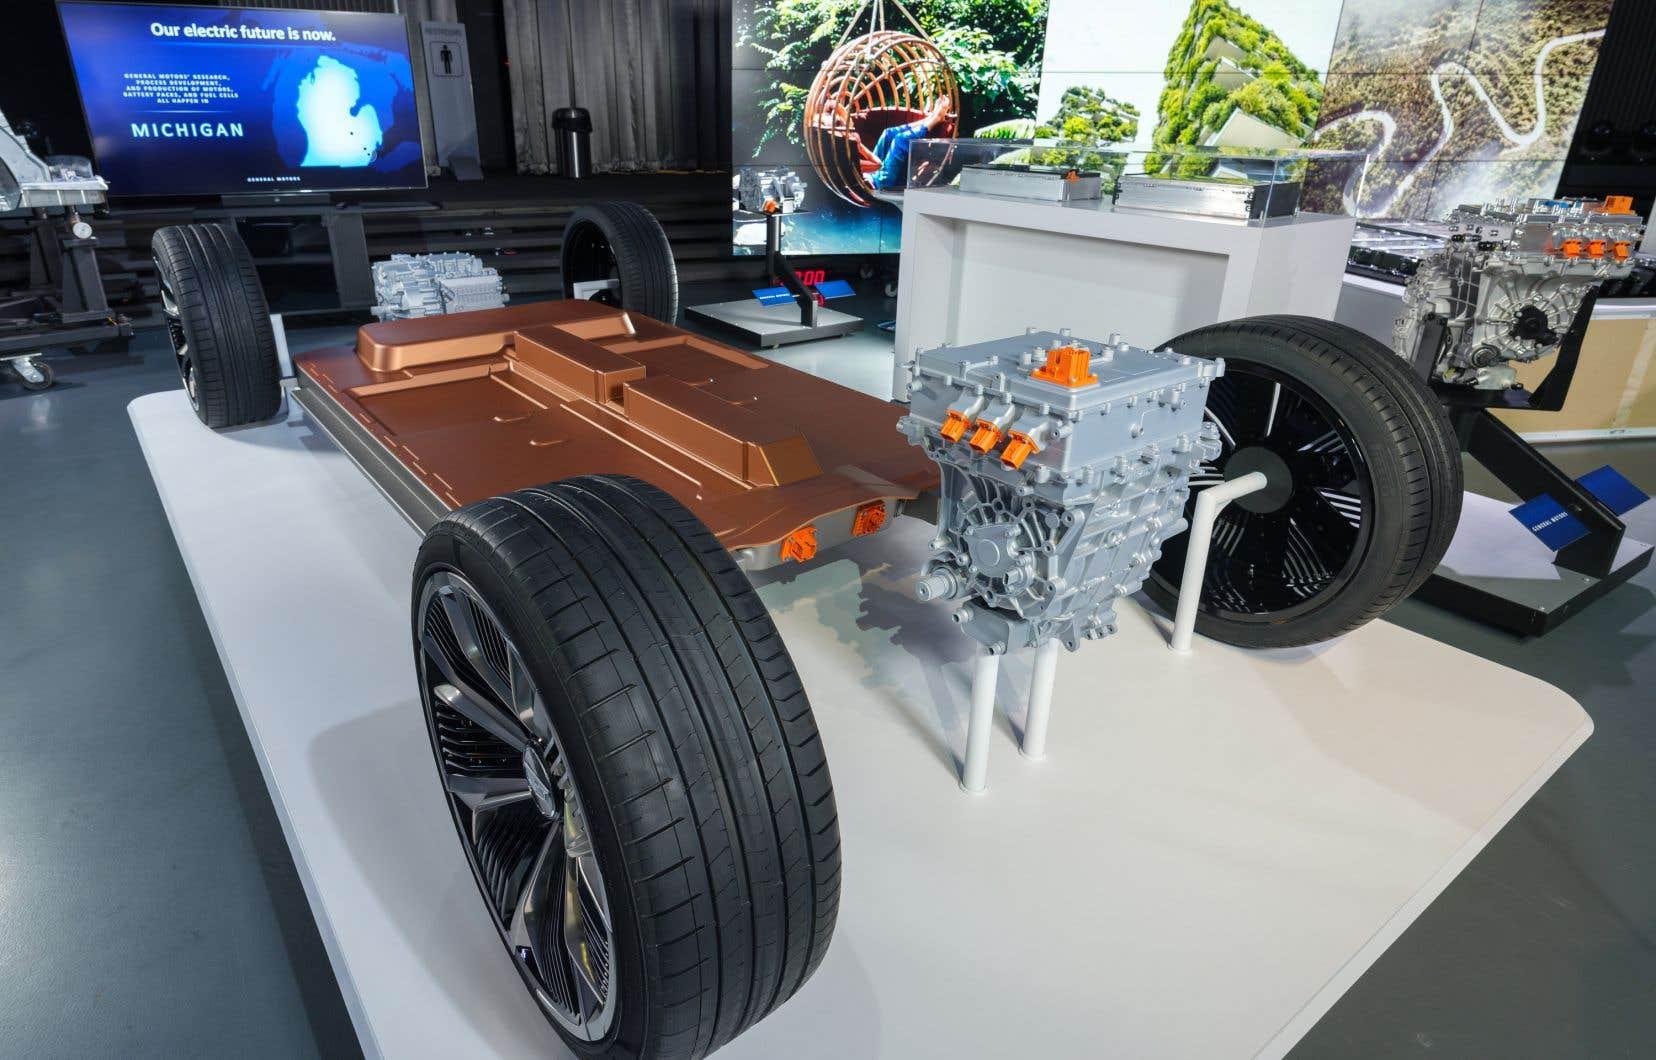 La batterie Ultium pourrait permettre à un véhicule de parcourir jusqu'à 645 kilomètres avec une seule recharge, affirme General Motors.